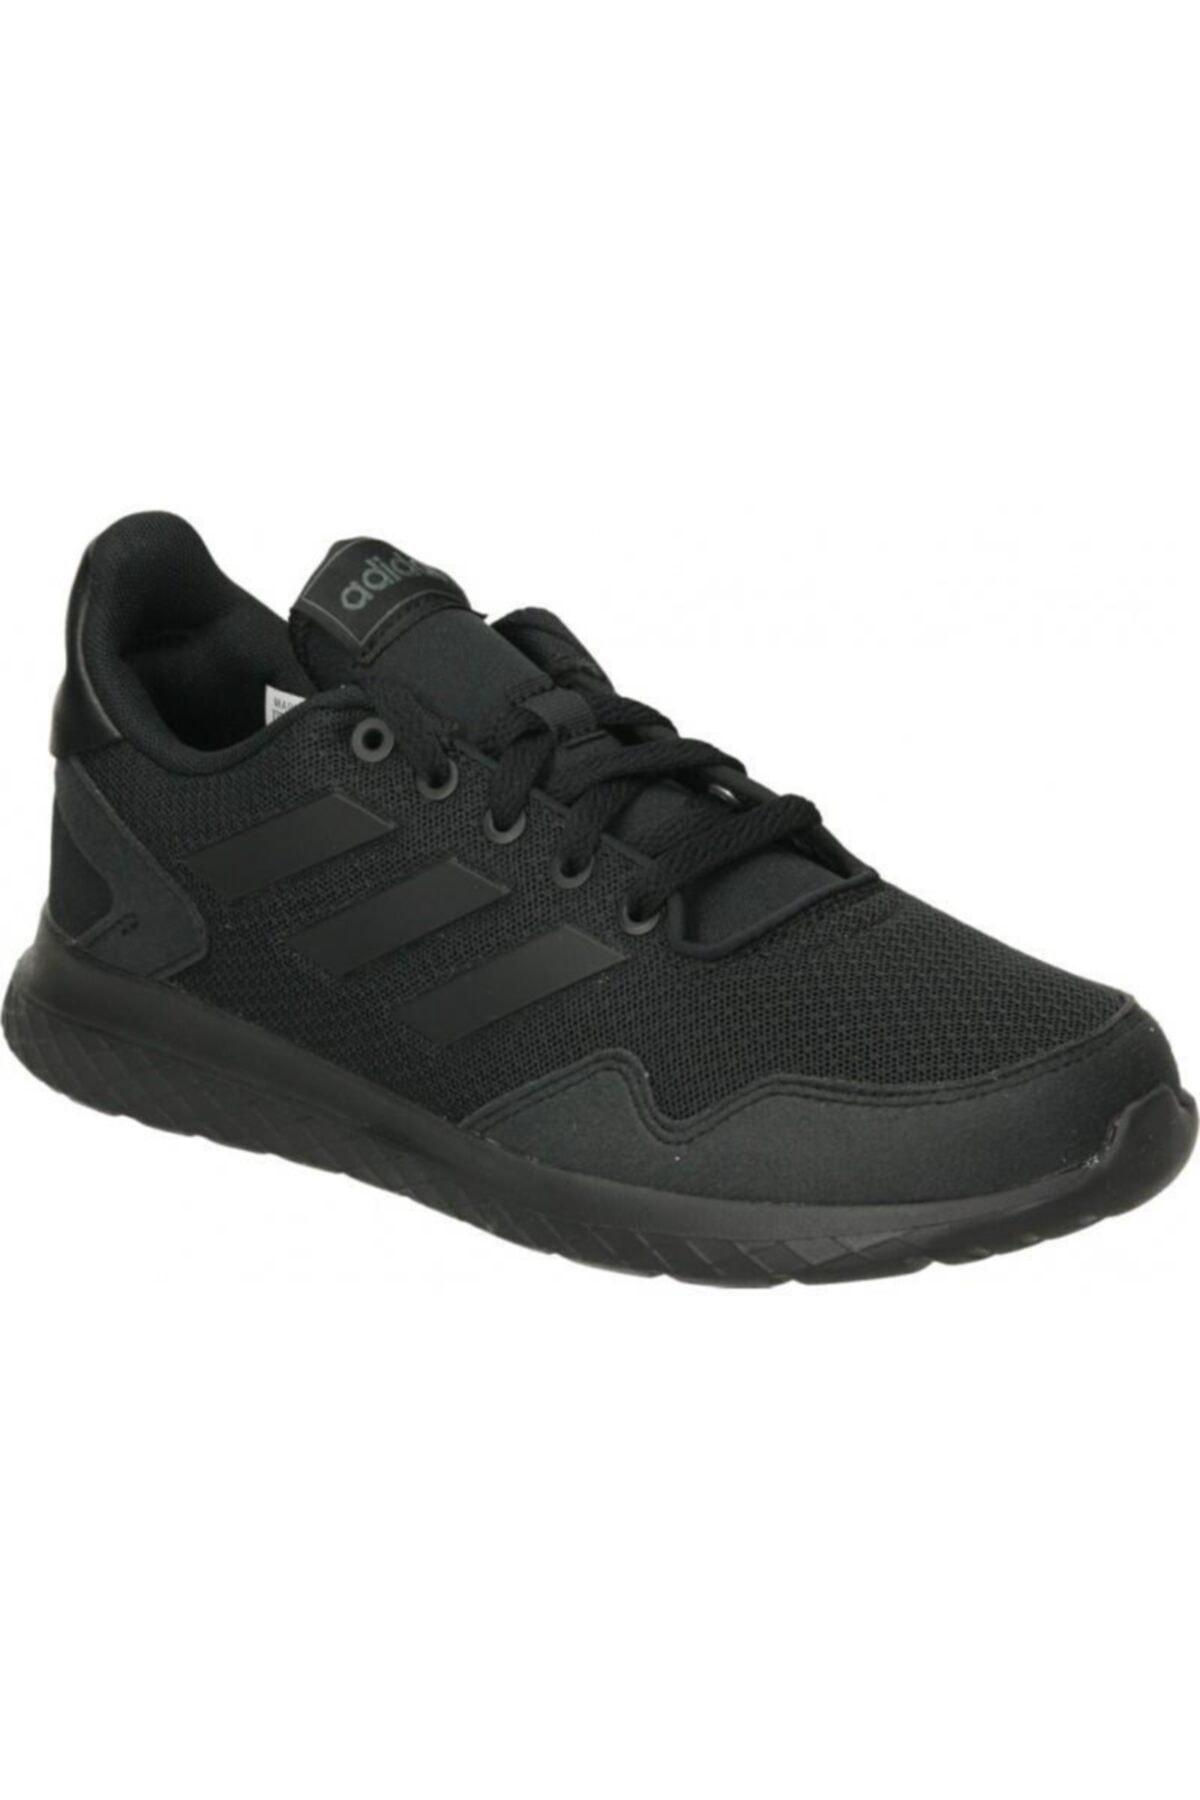 adidas Eg7819 Archıvo K Çocuk Koşu Ayakkabı 1